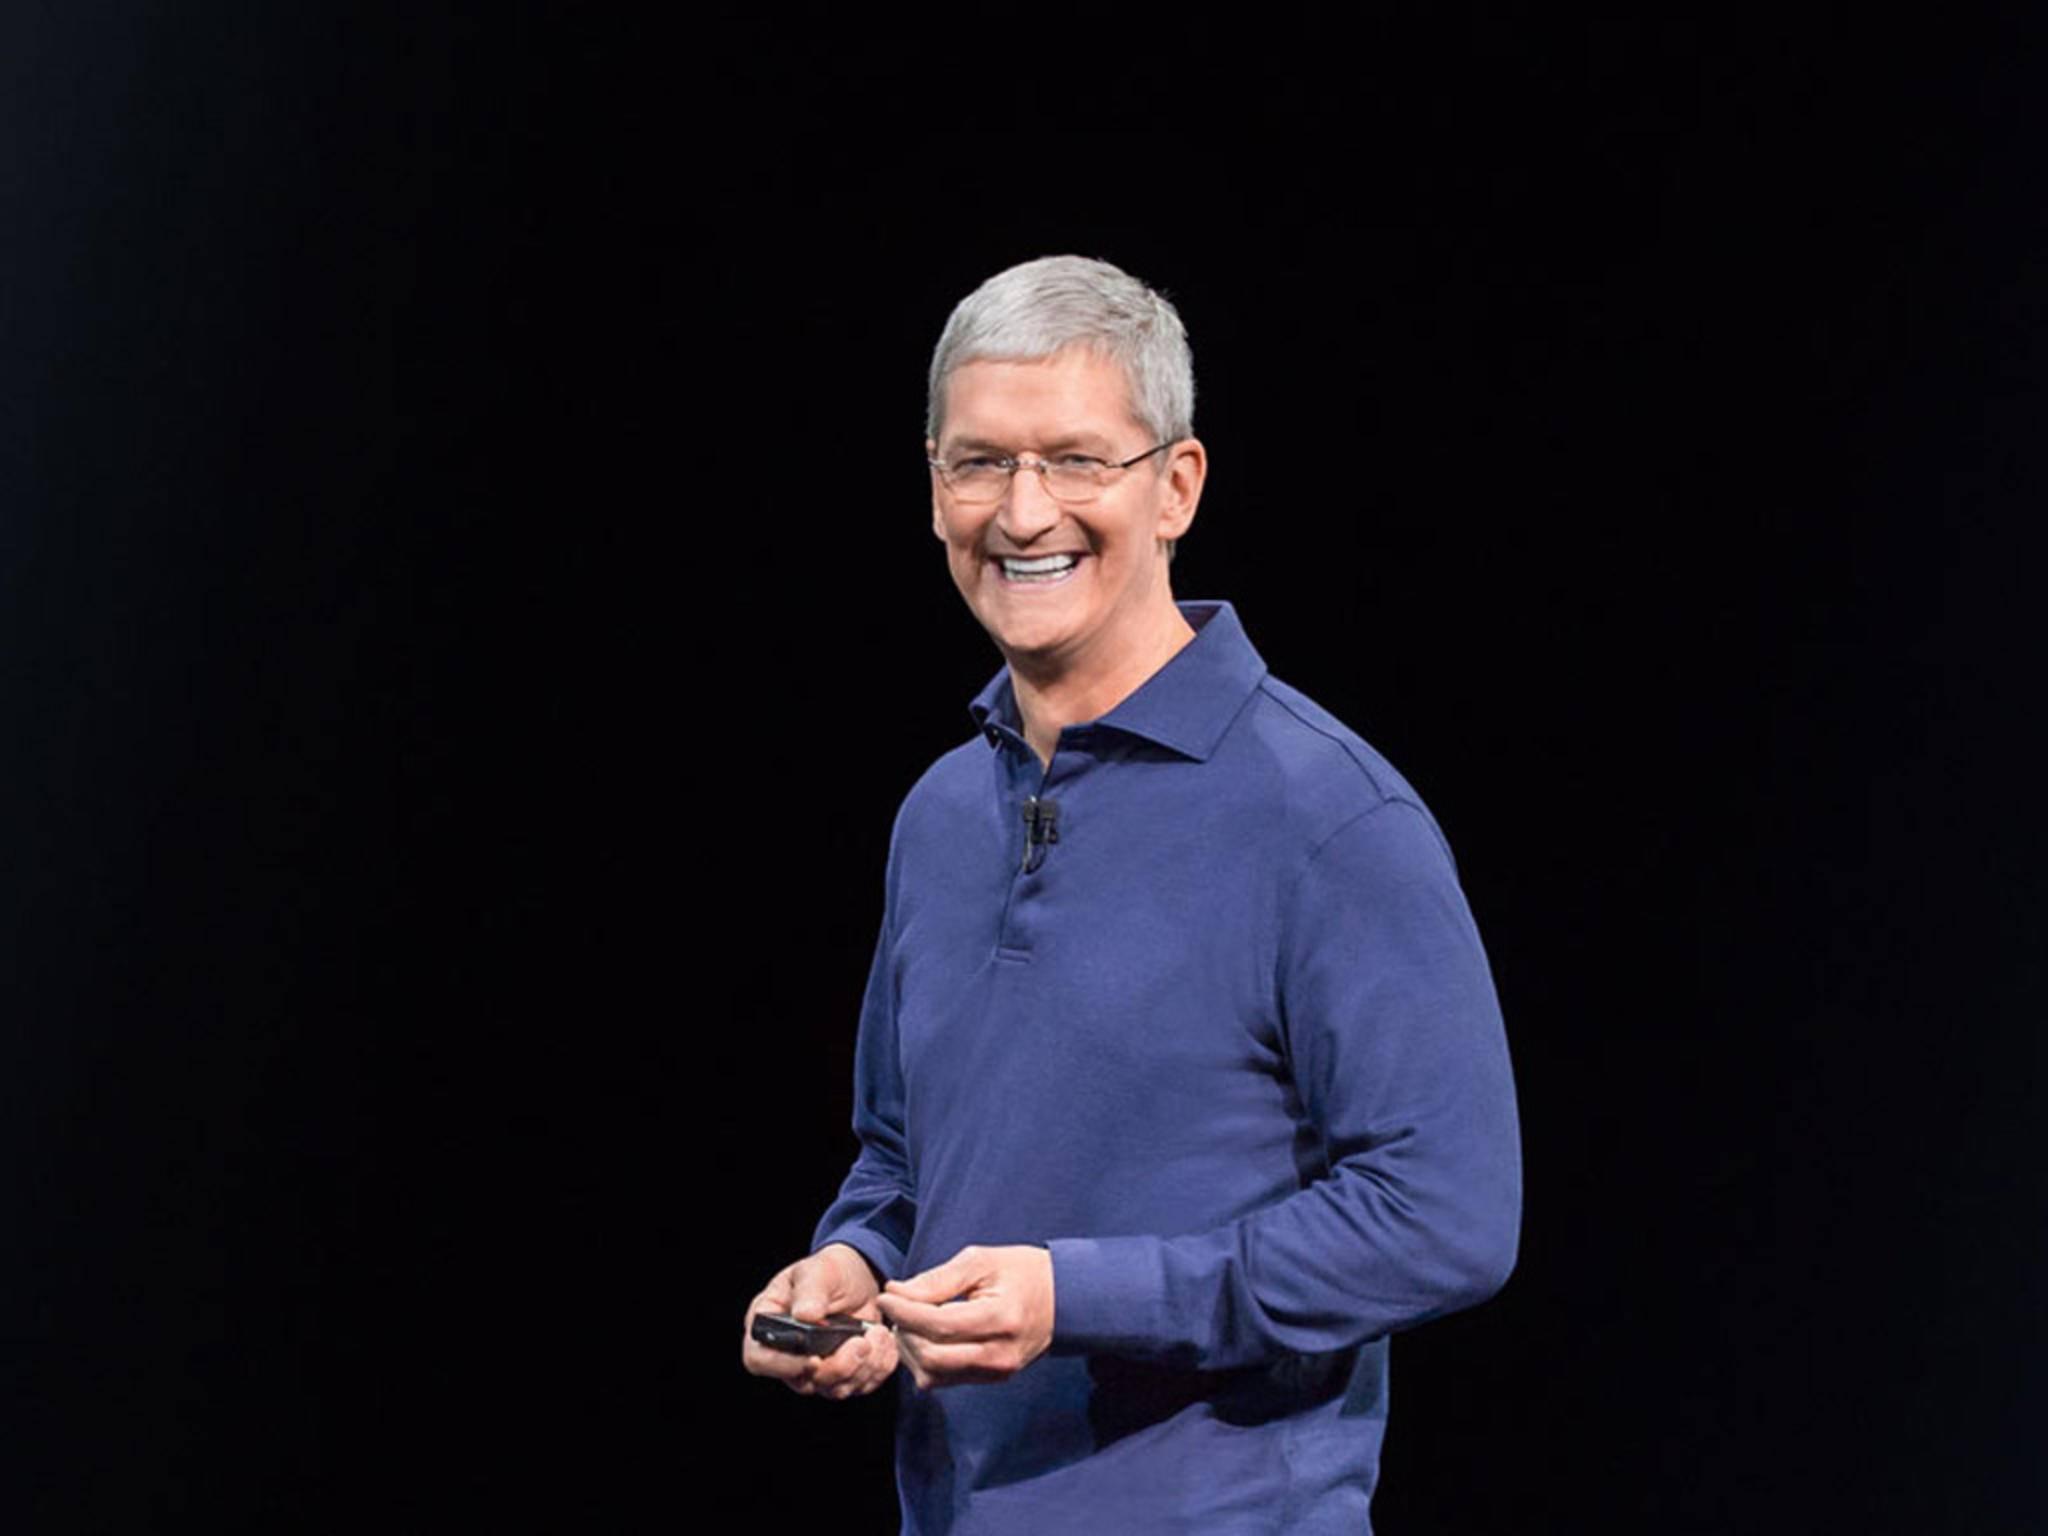 Die iPhone 6s-Keynote dürfte am 9. September stattfinden.